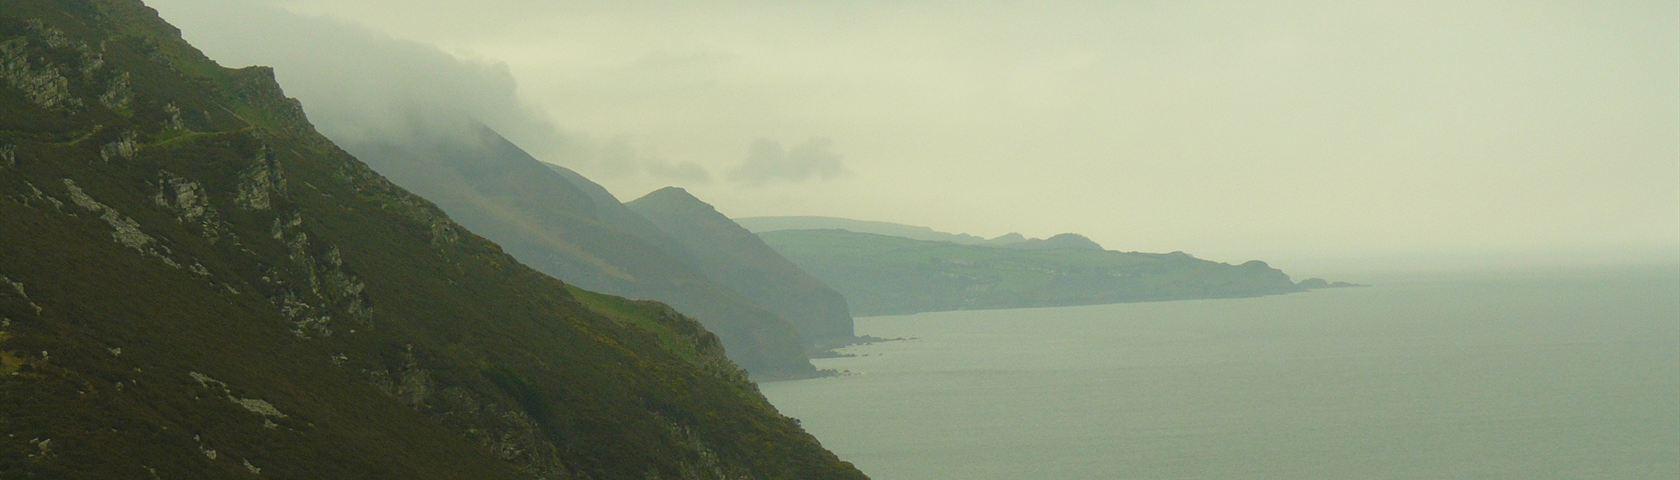 Misty Devon Cliffs